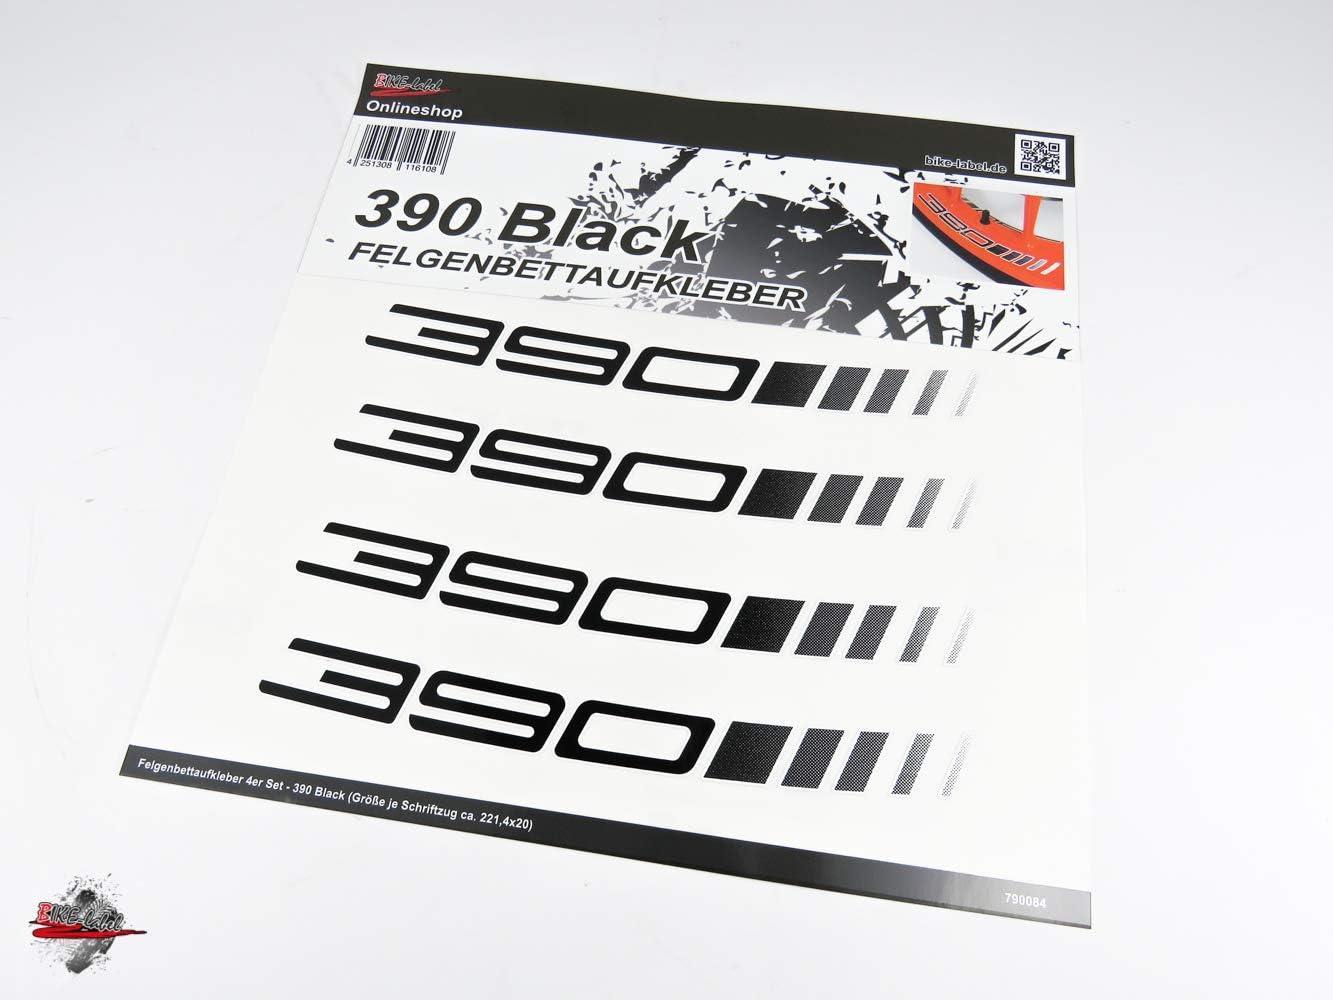 BIKE-label 790084-VA Autocollant pour lit de jante compatible avec KTM 390 Duke